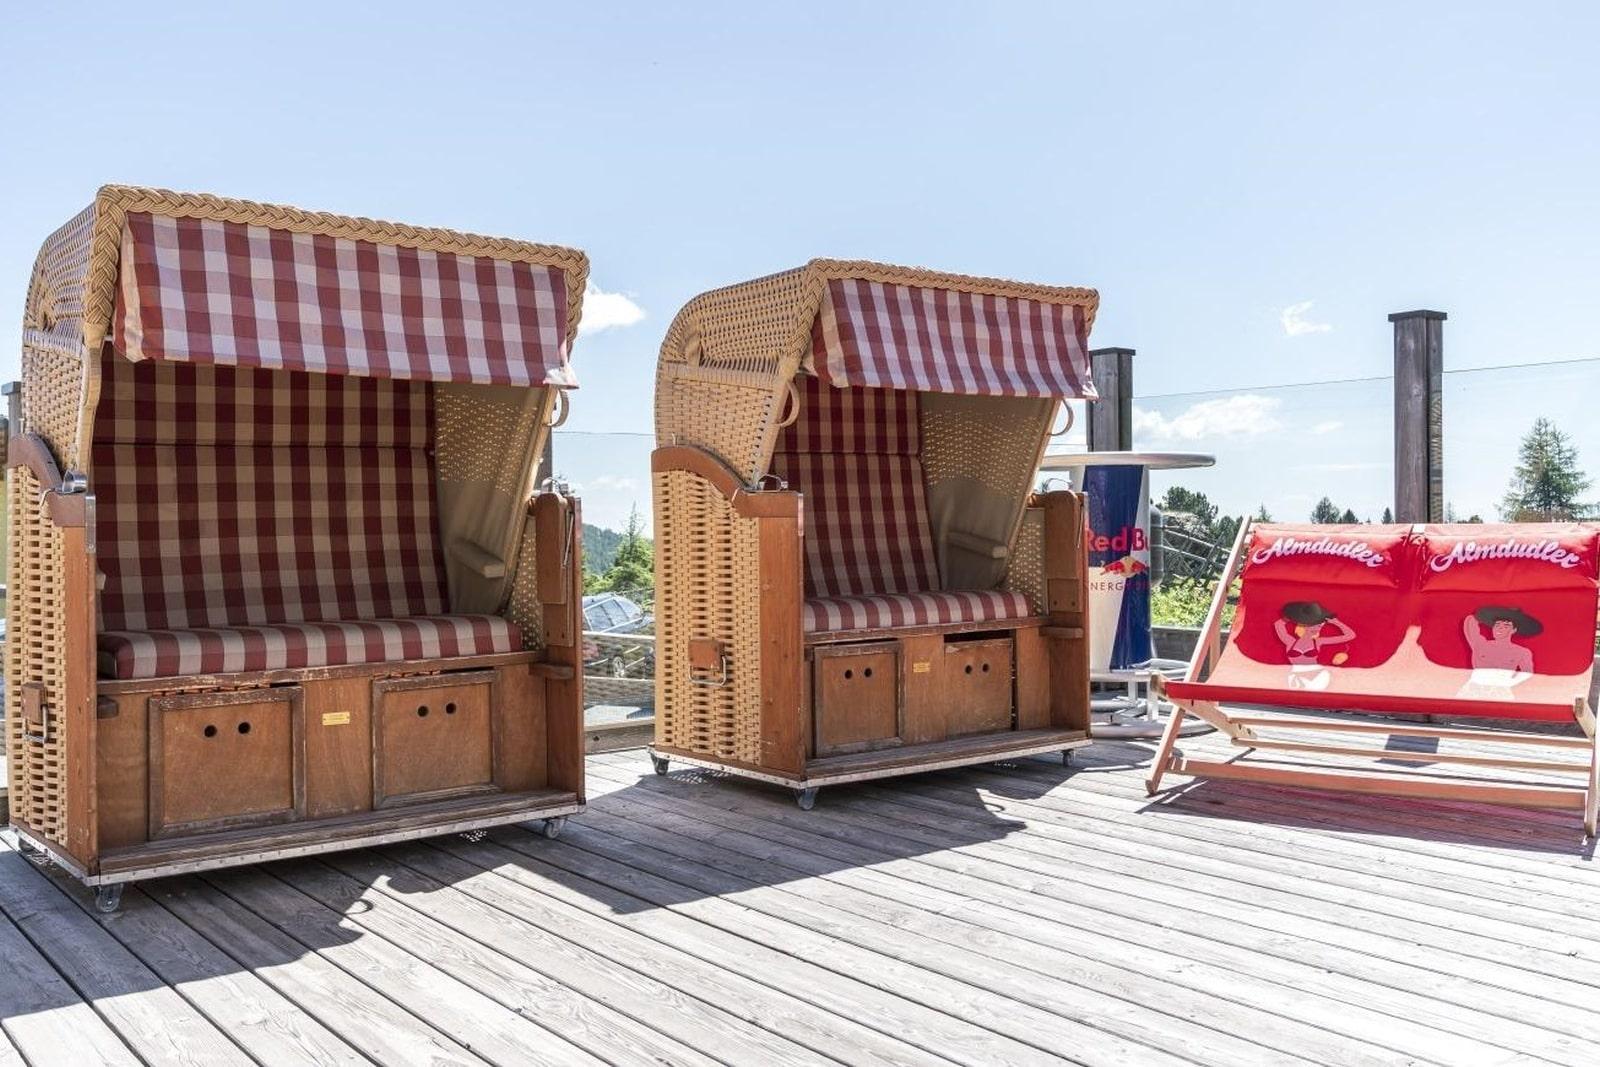 Heidi-Chalet-Falkert-Heidialm-Restaurant-Seehuette-Strandkorb